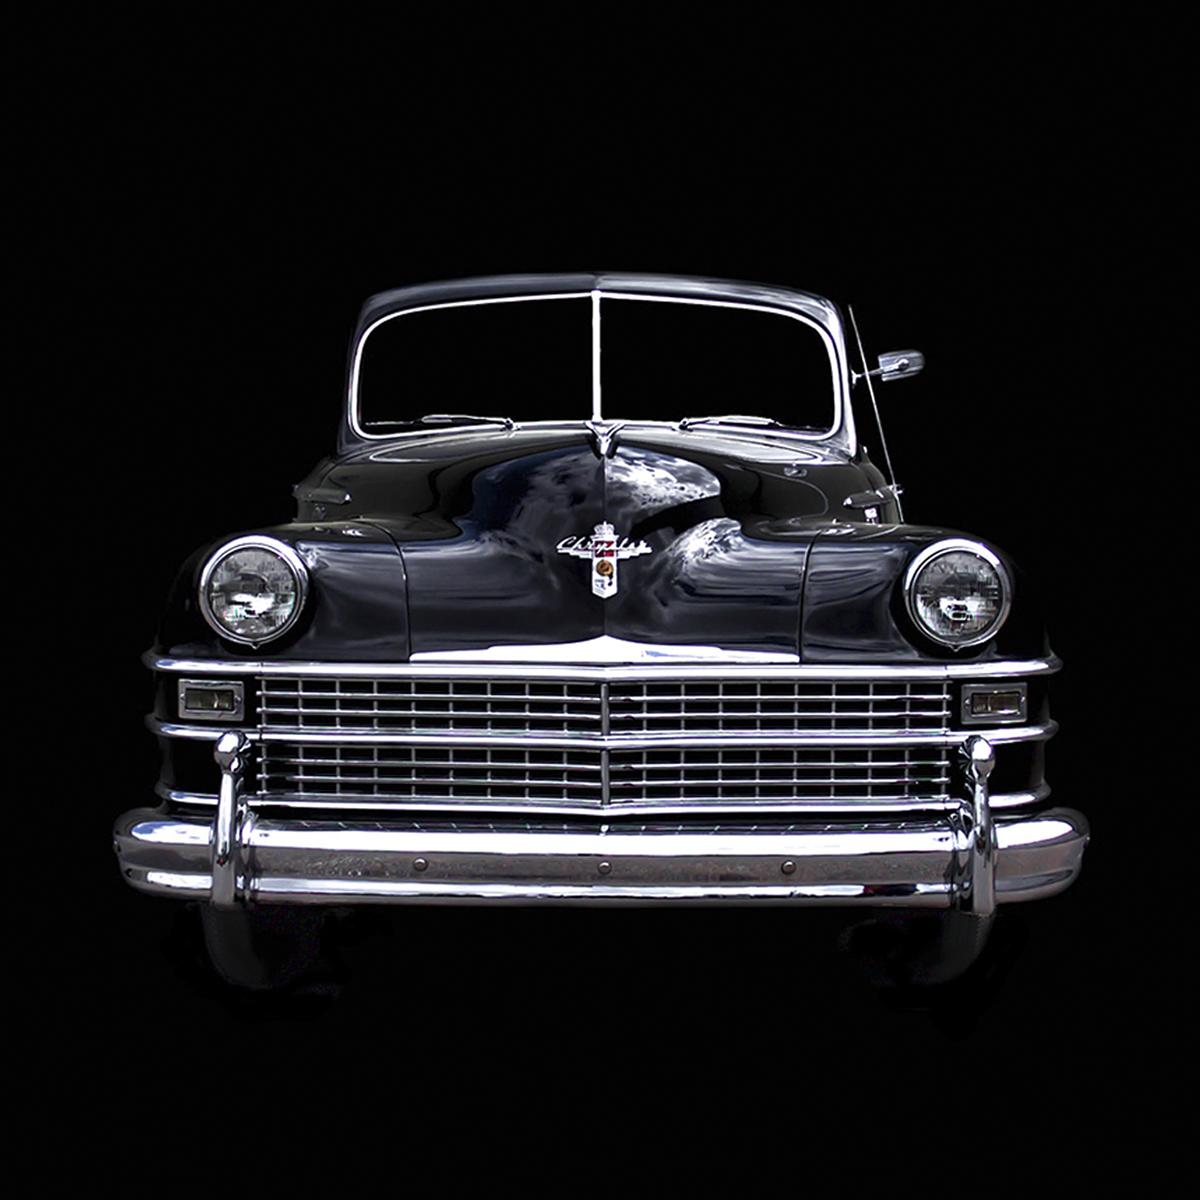 Voiture-ancienne-chrysler-windsor-1948-front